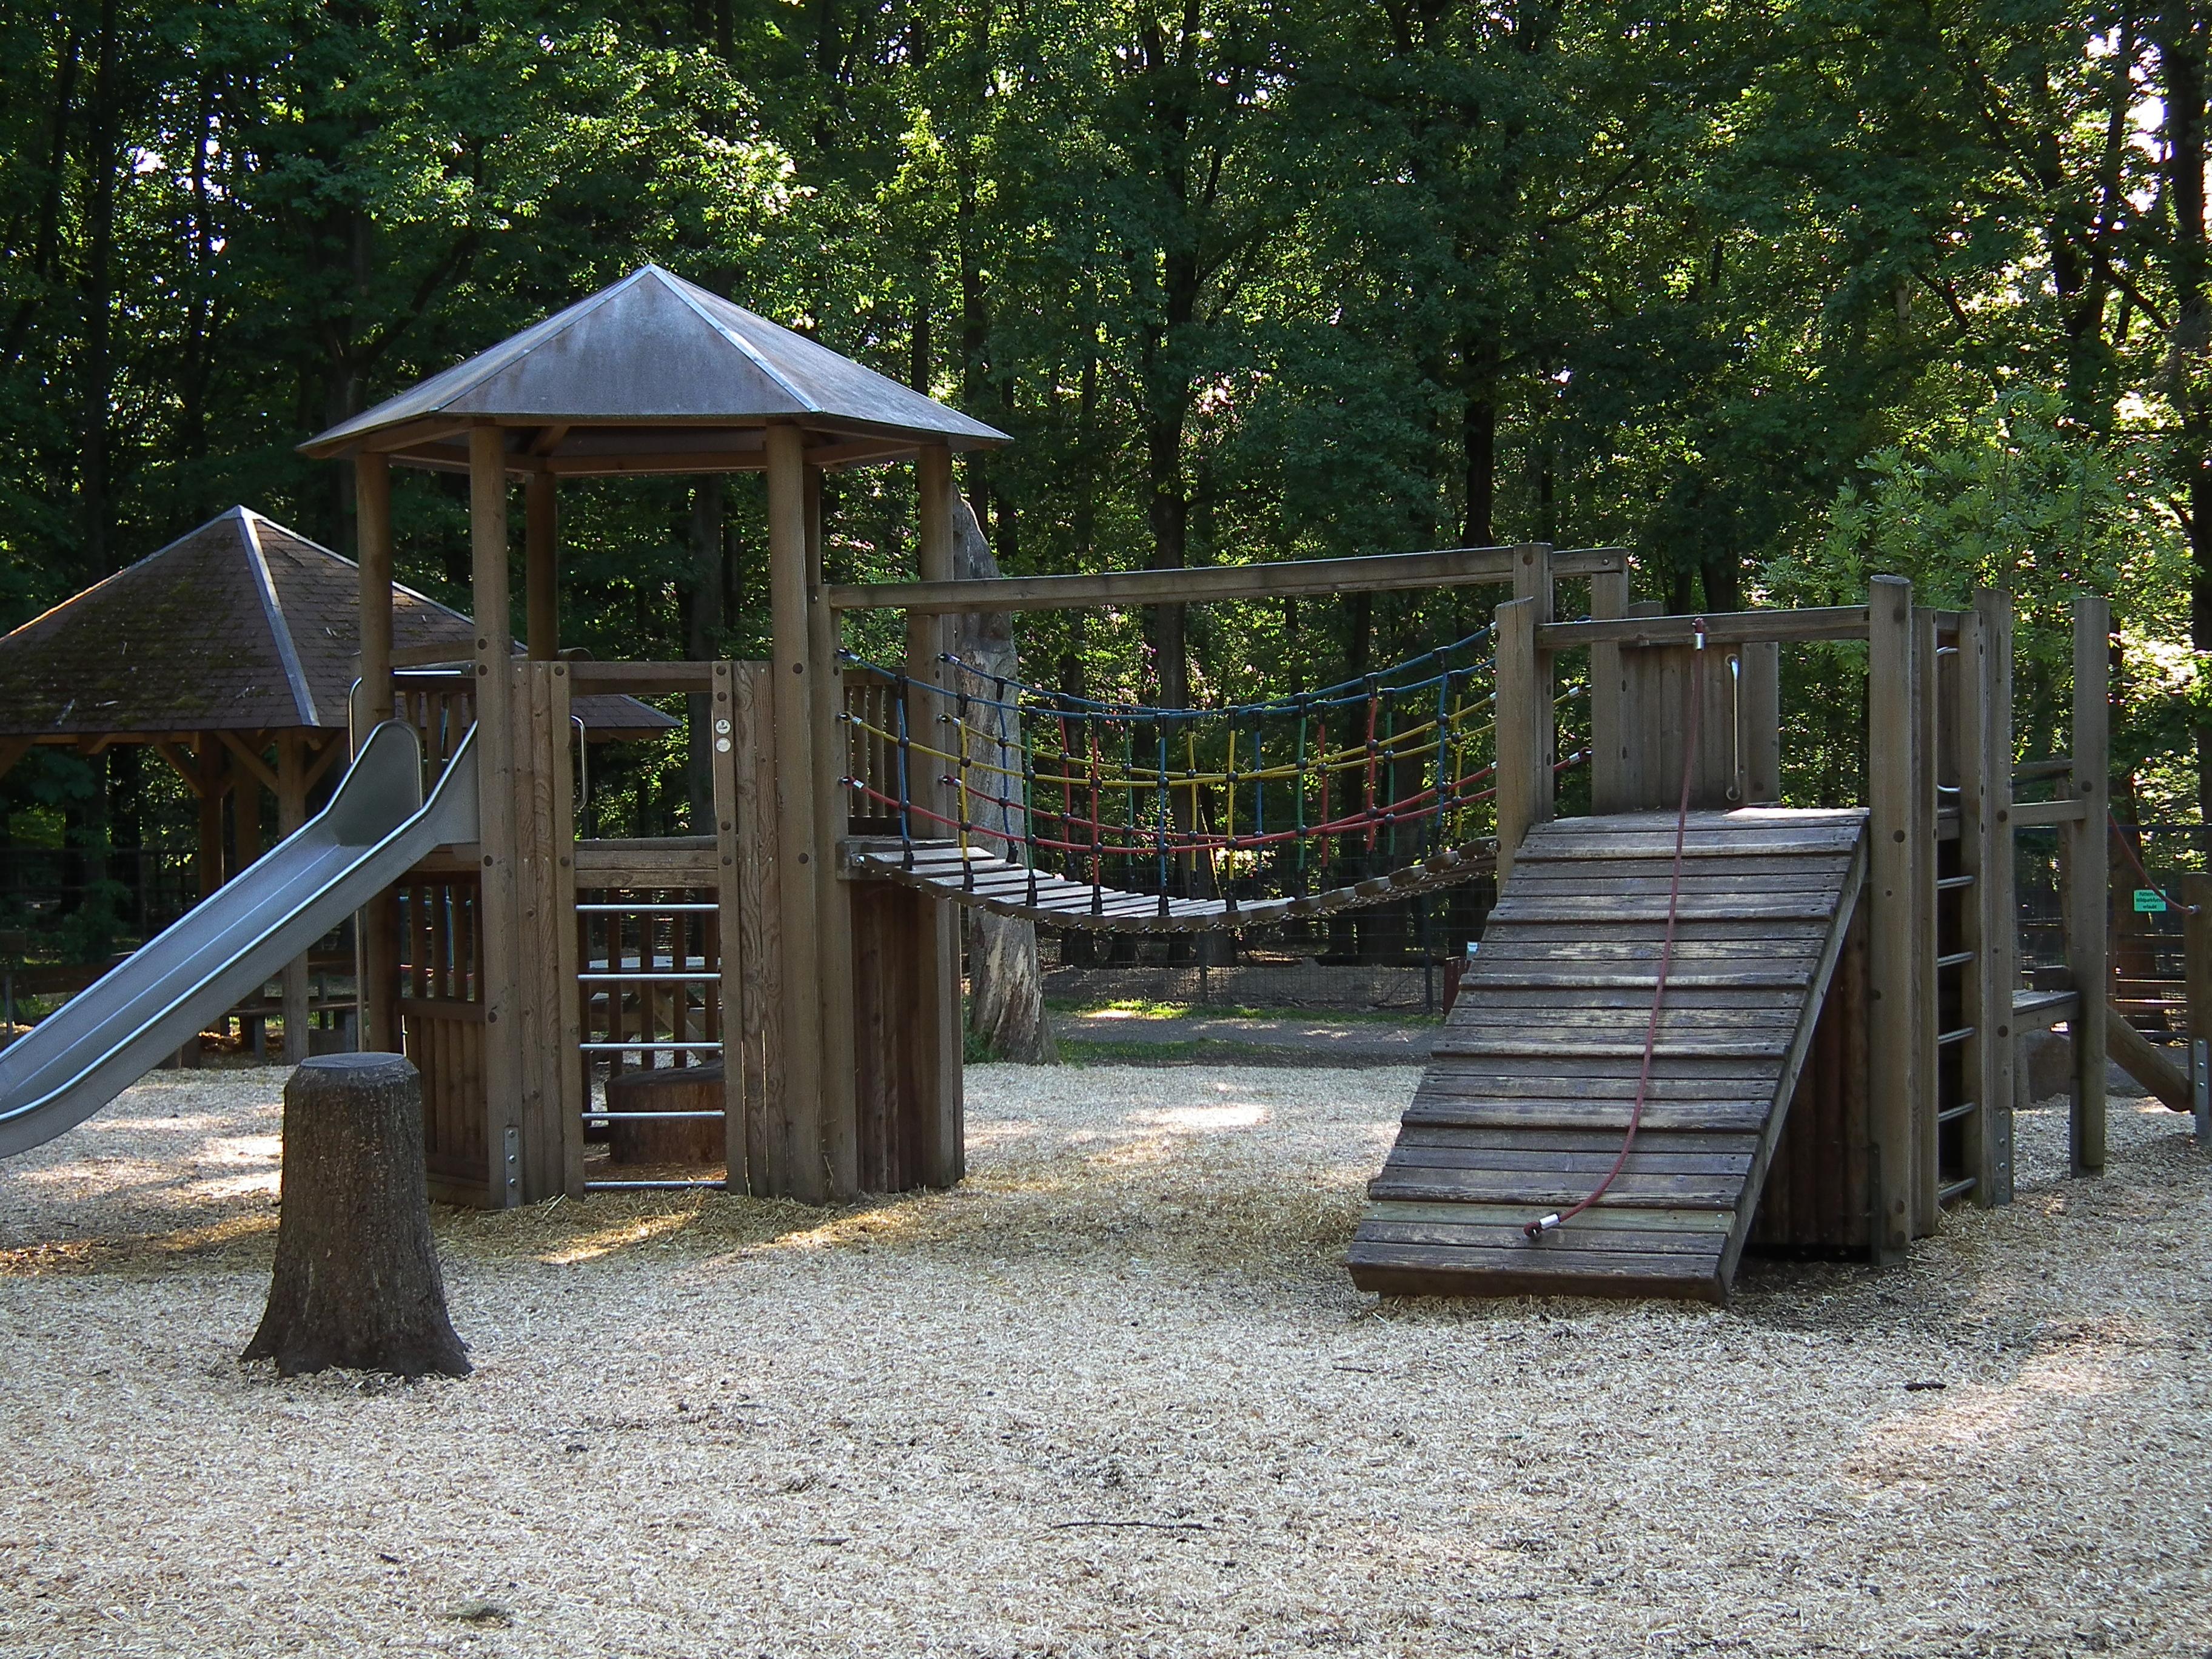 Klettergerüst Wikipedia : File kinderspielplatz wildpark pforzheim klettergerüst g